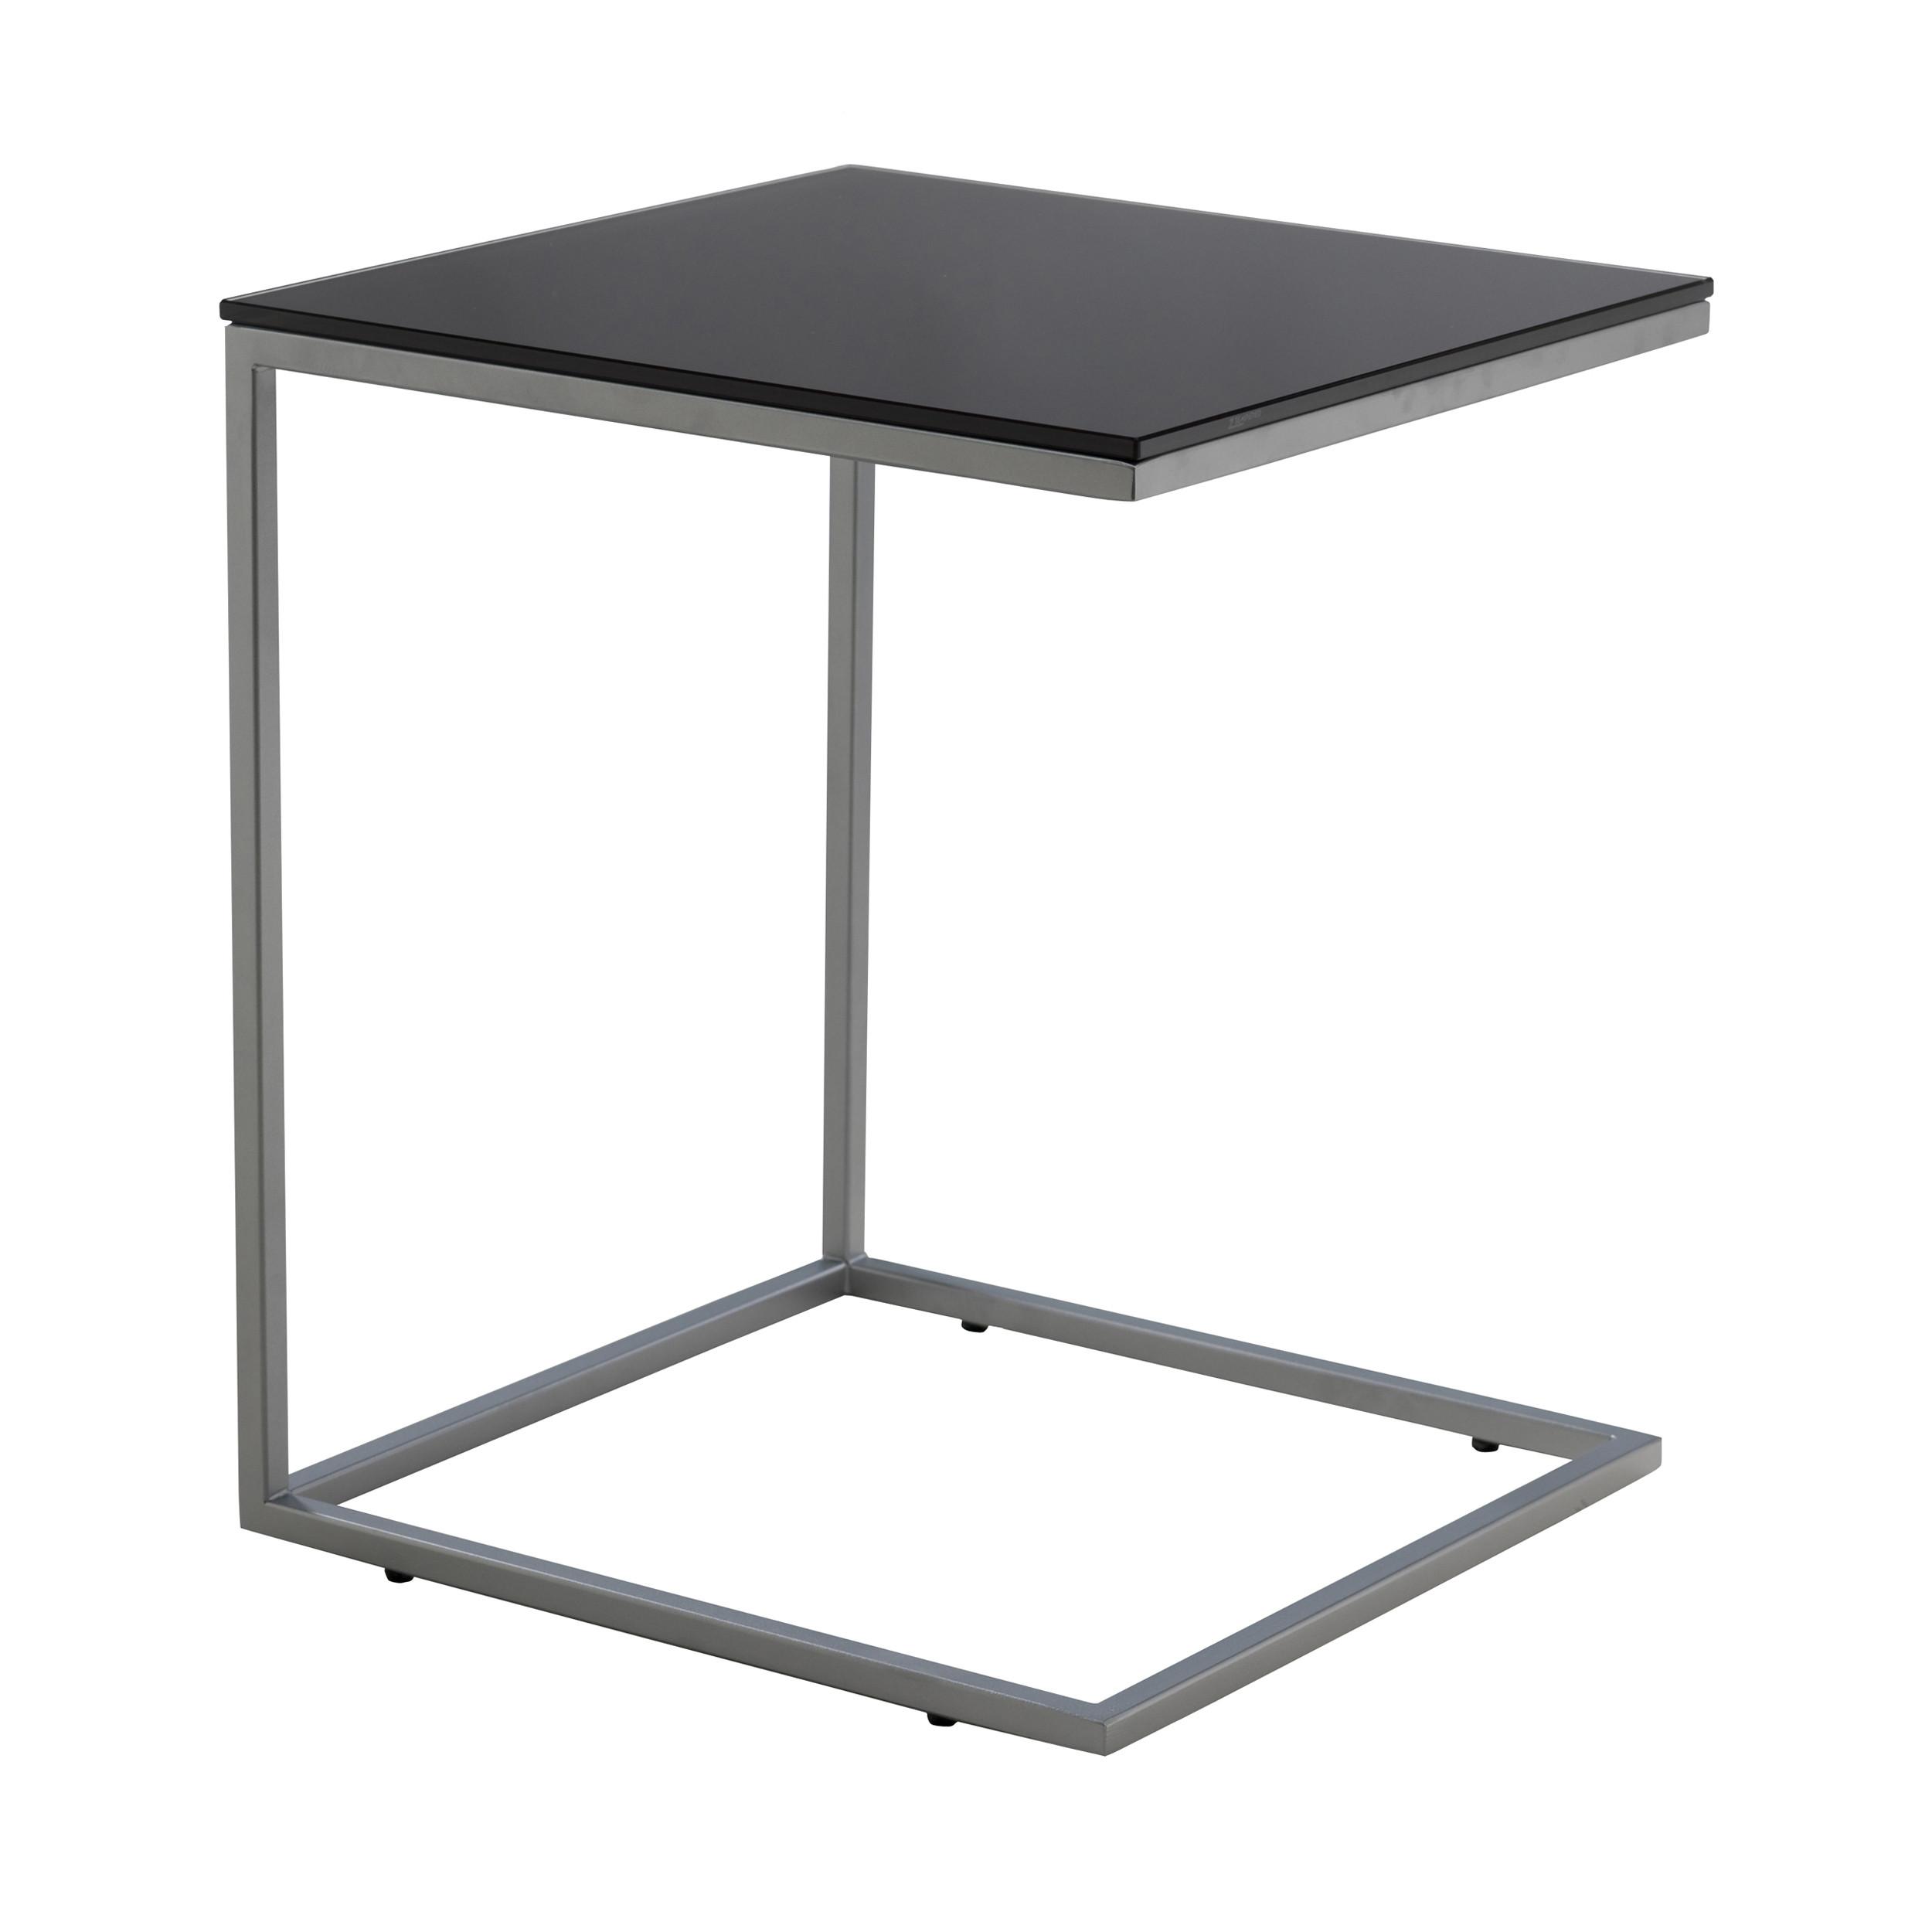 classico 40 beistell und couchtisch gestell edelstahl braun online kaufen bei. Black Bedroom Furniture Sets. Home Design Ideas